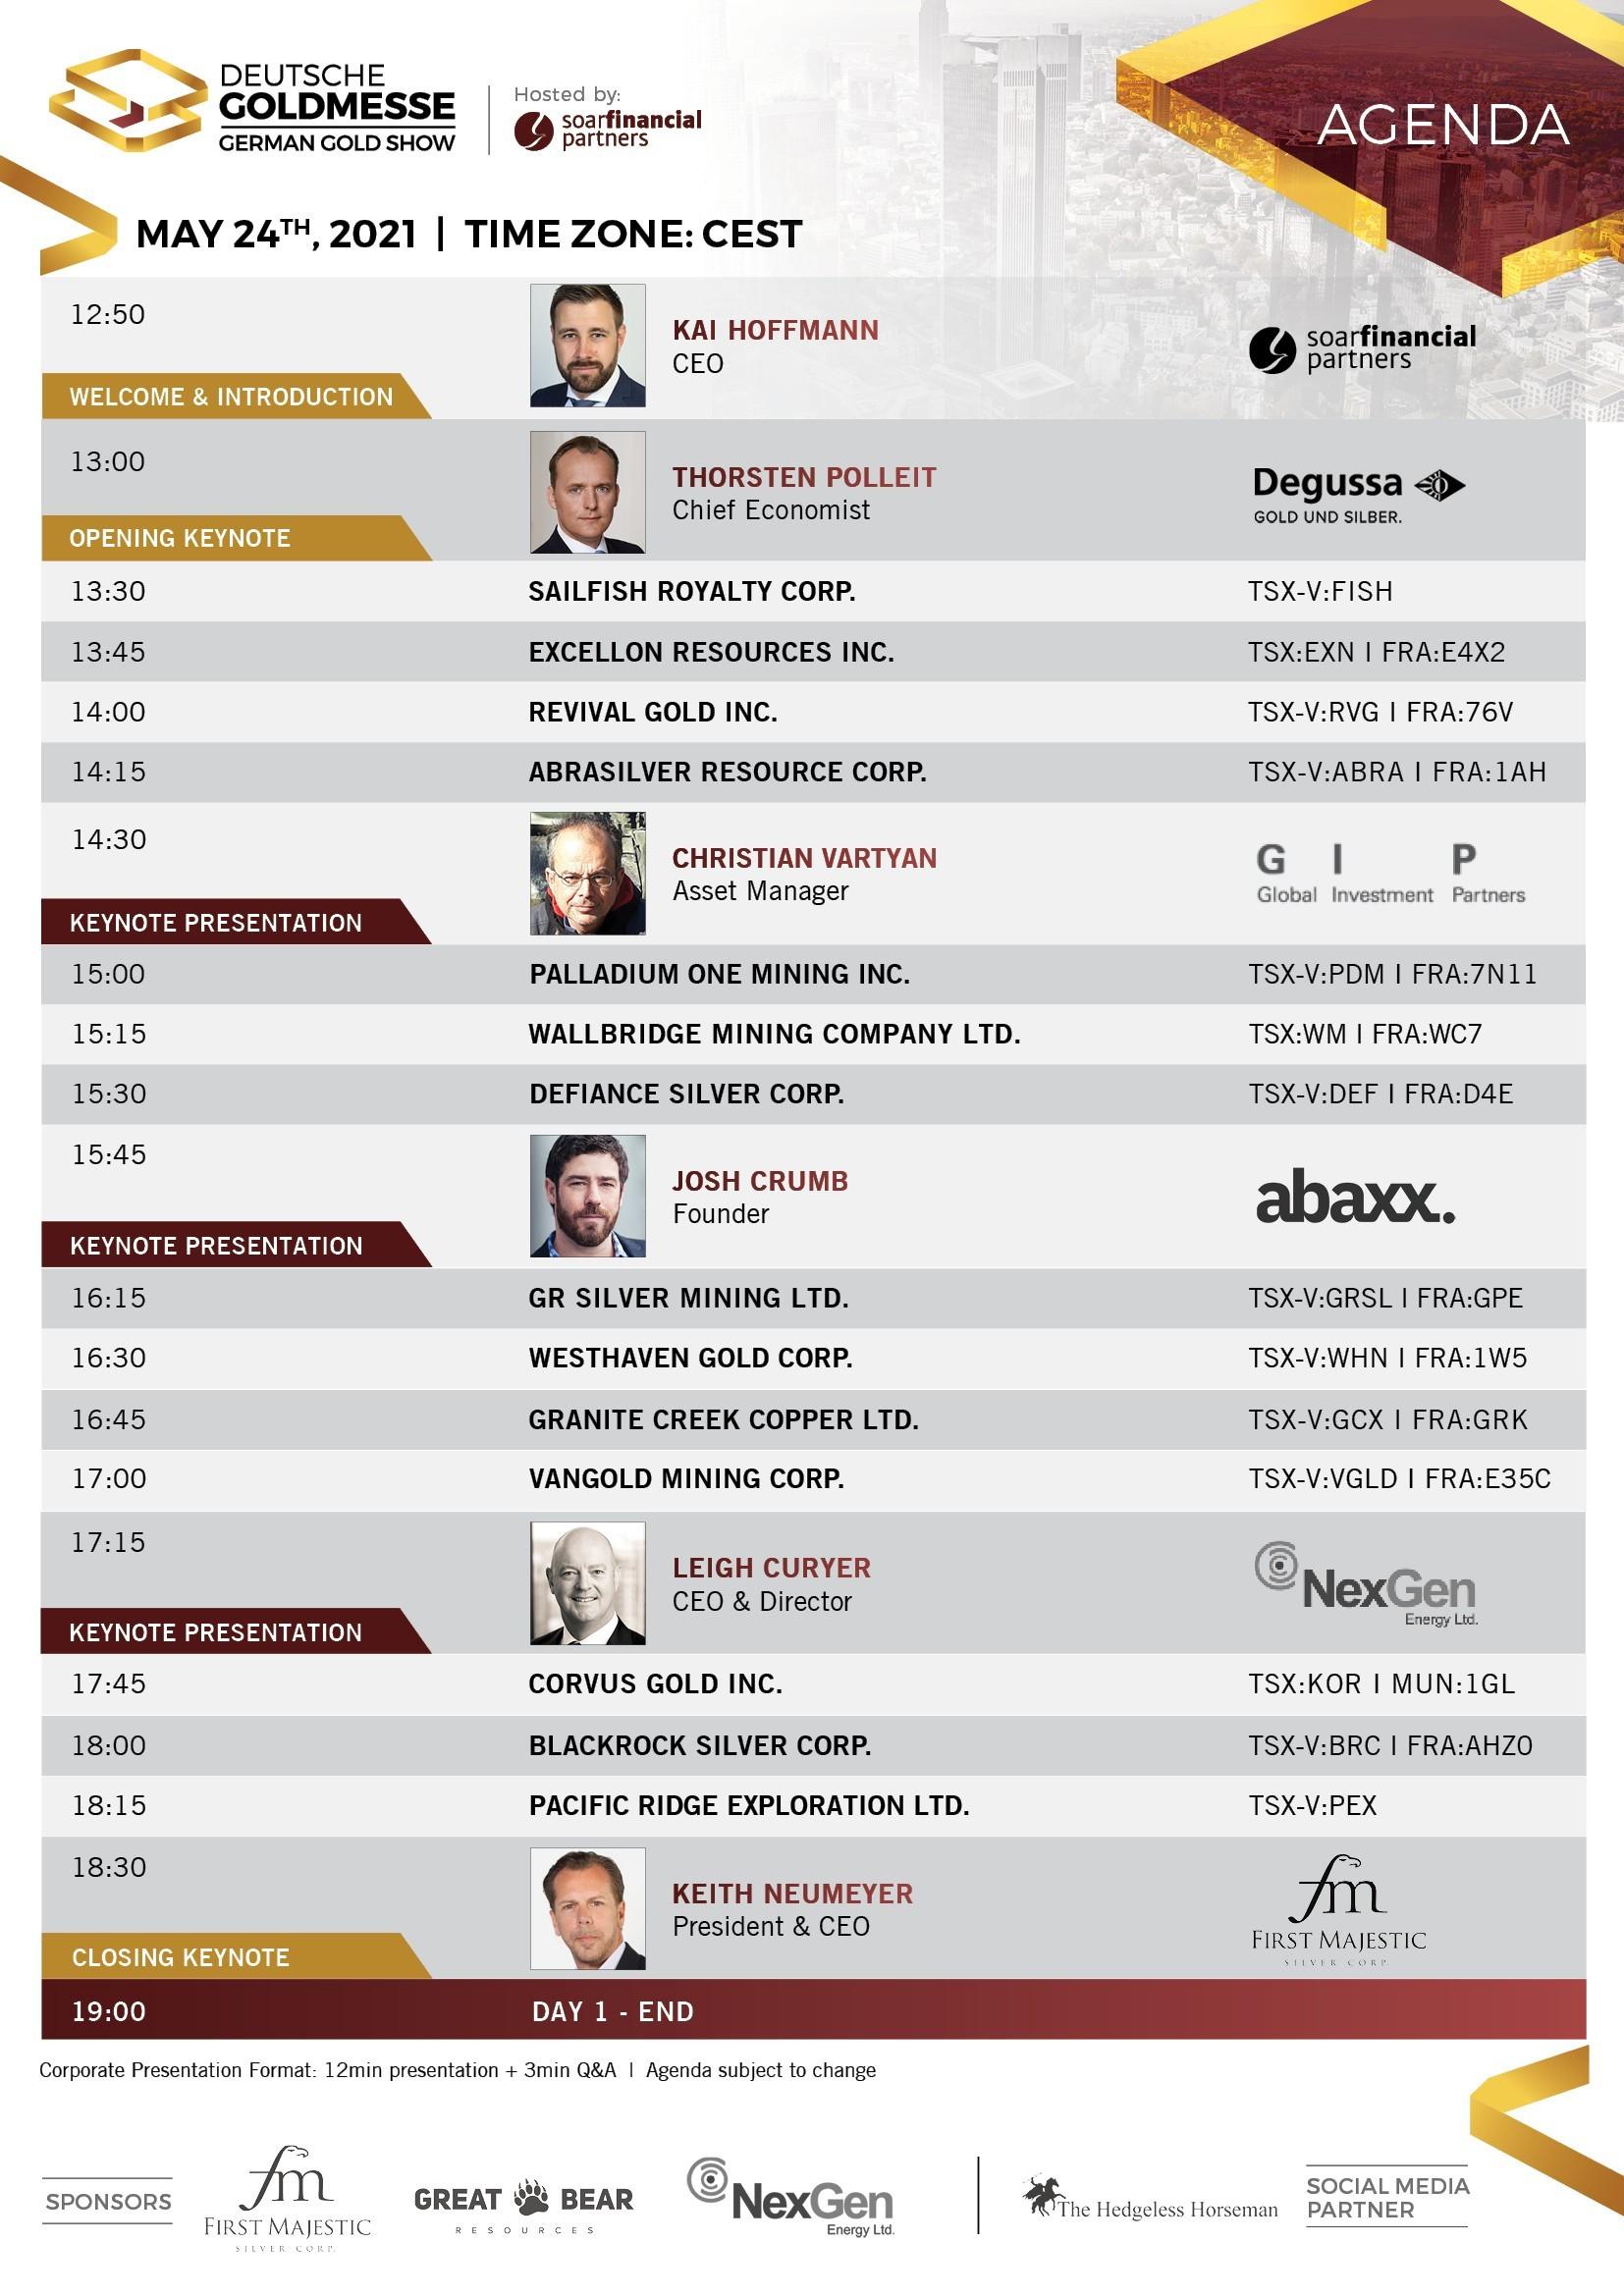 Deutsche-Goldmesse-0524-2021-Agenda1